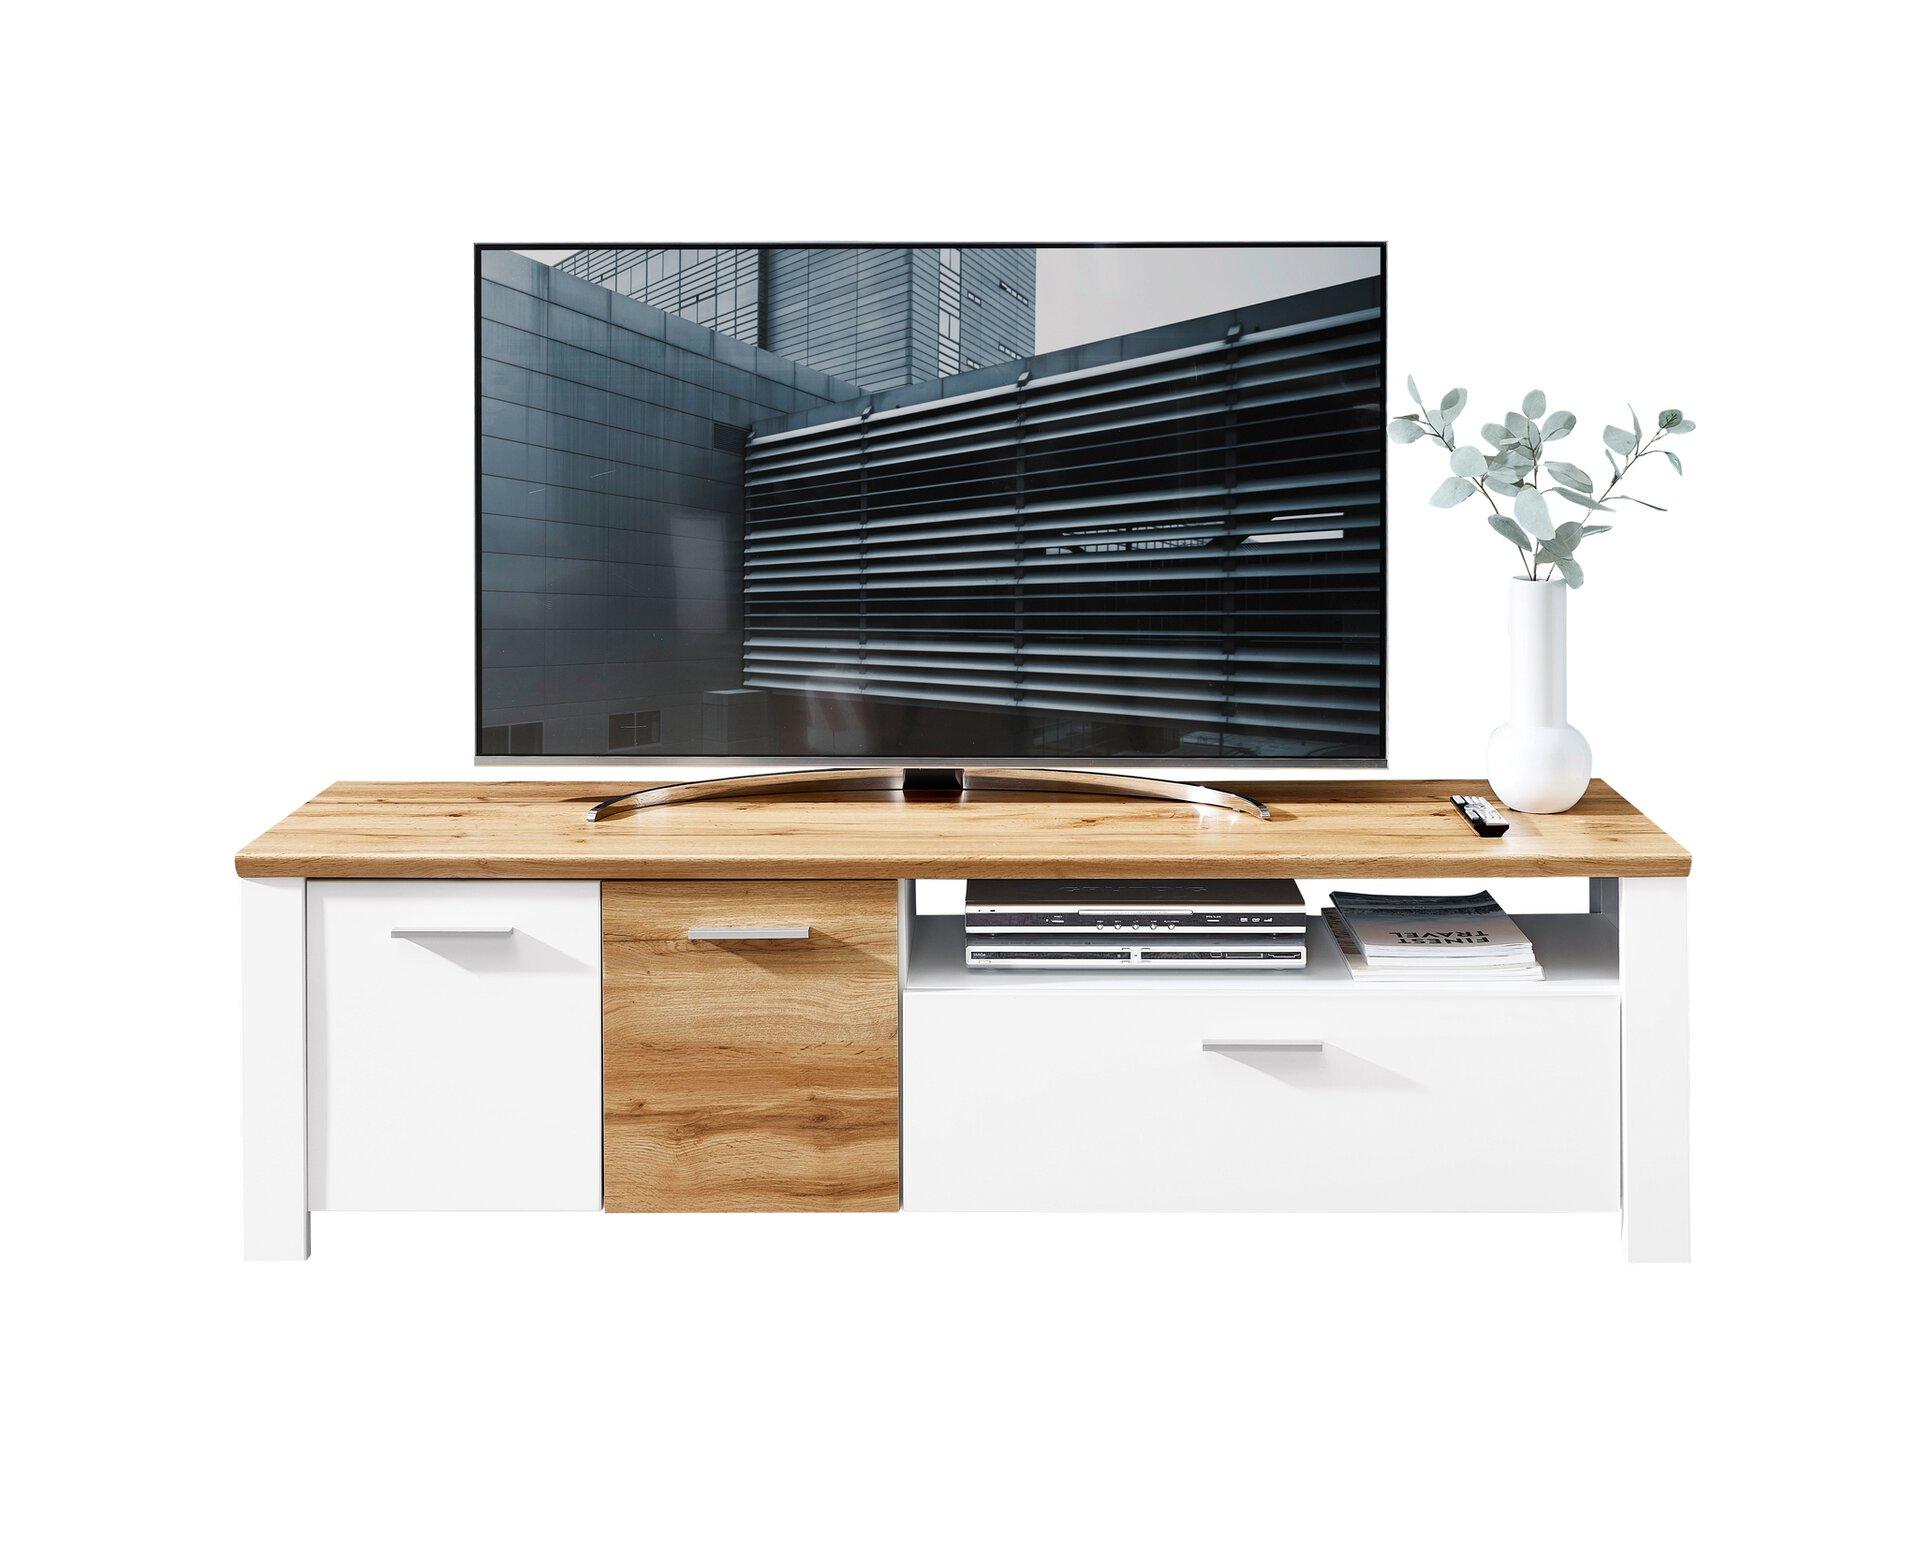 Lowboard Materio6011 Vito Holzwerkstoff mehrfarbig 180 x 51 x 49 cm